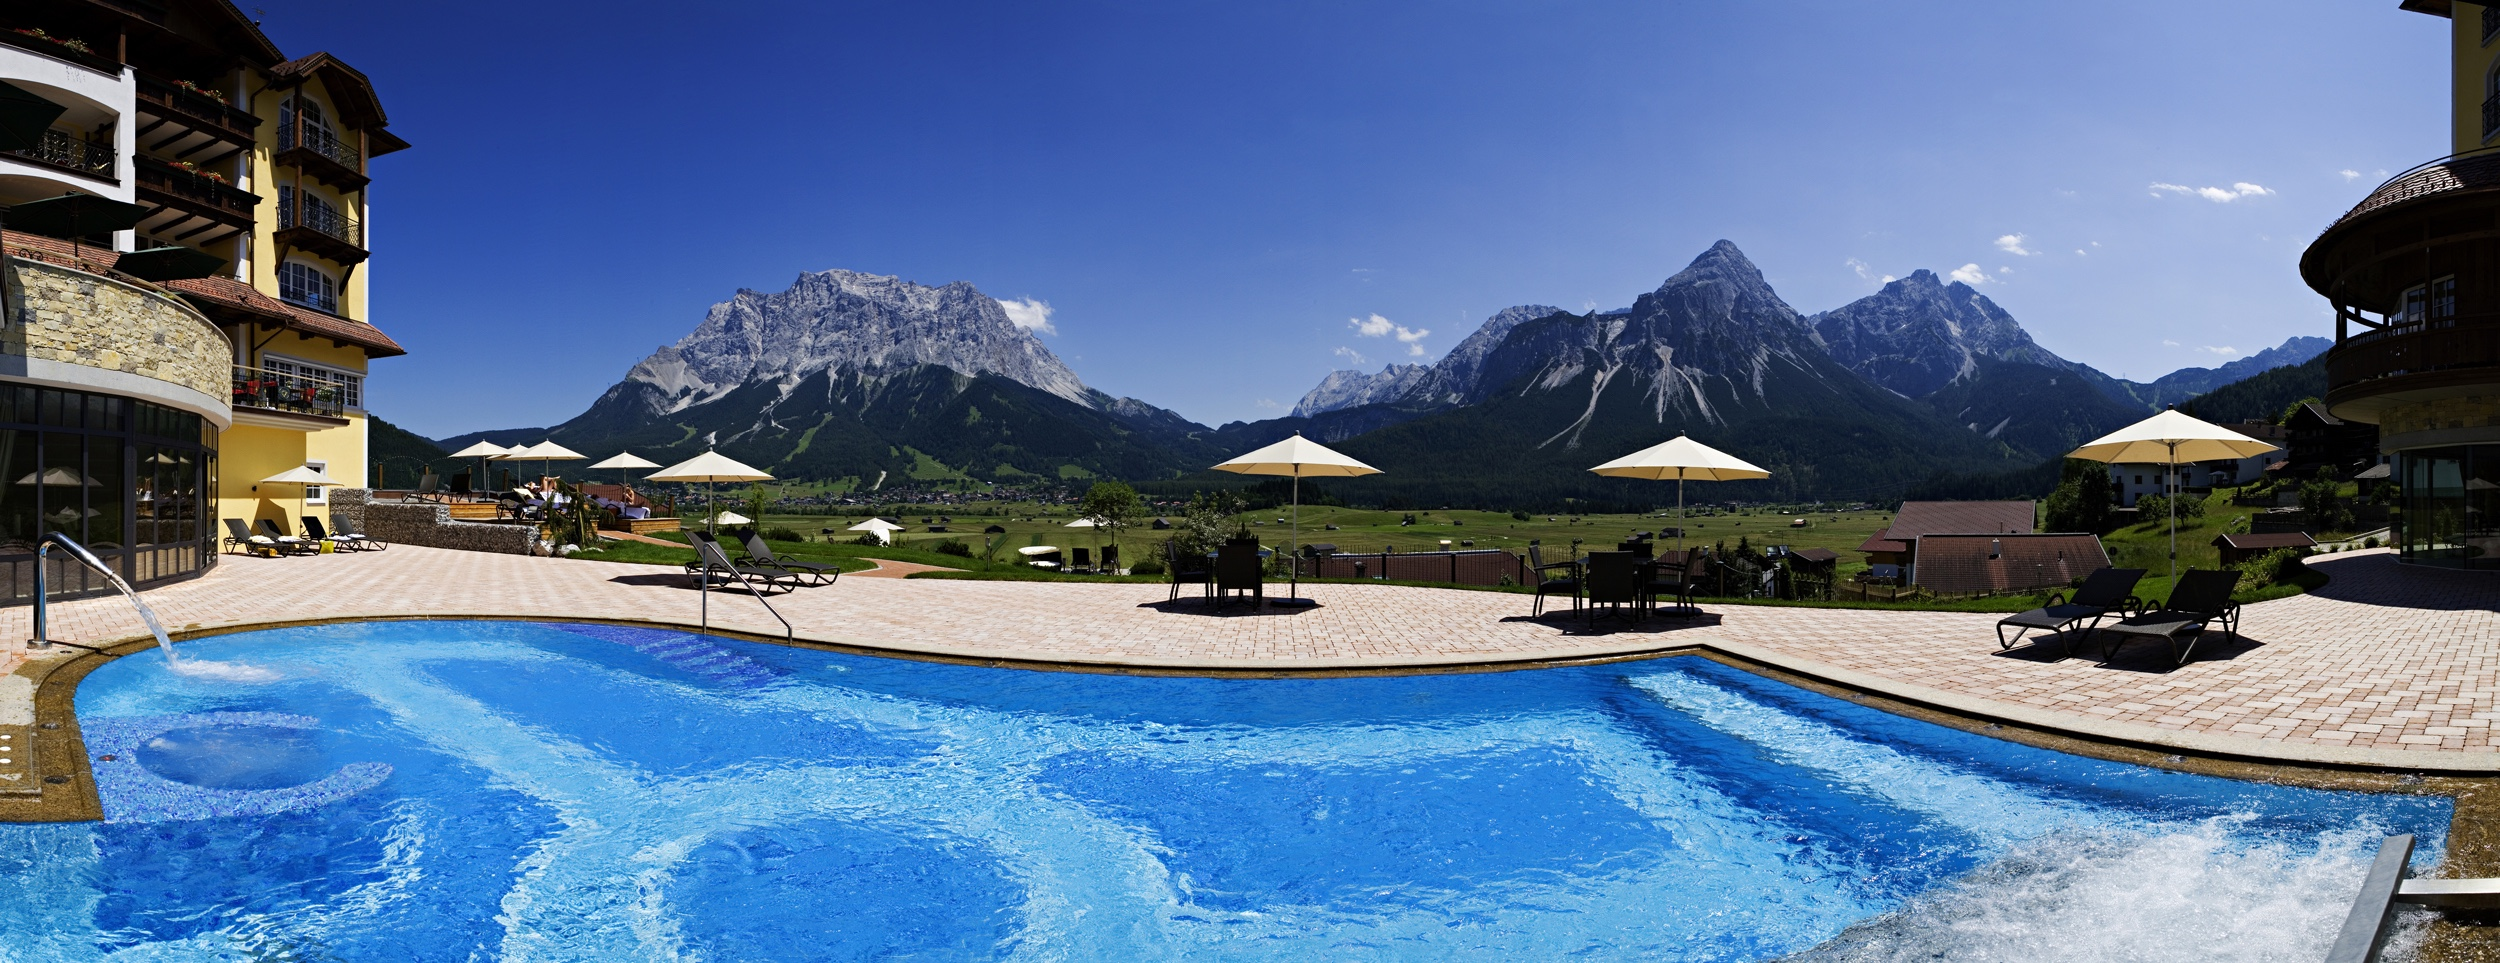 4-Hotel-Post-Pool-mit-Zugspitze-und-SonnenspitzeII